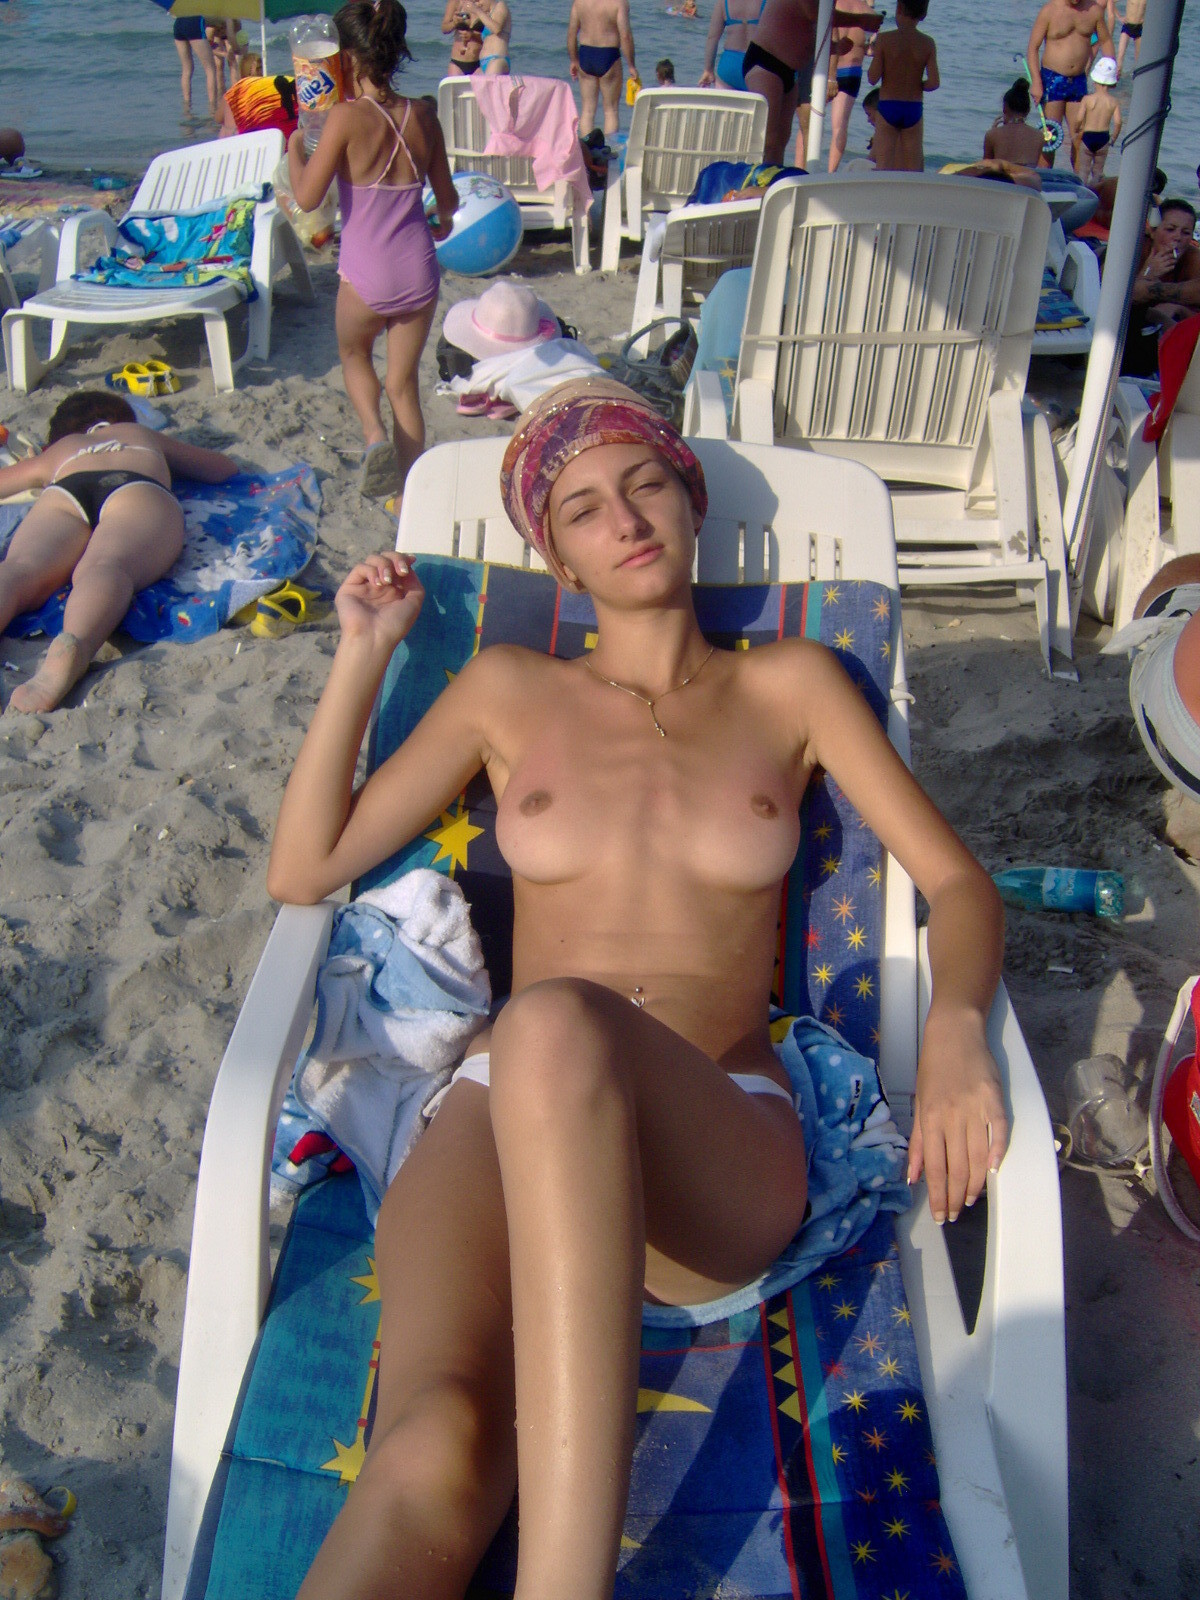 【外人】ヌーディストビーチで撮影された素人白人美女のパイパンまんこポルノ画像 1910